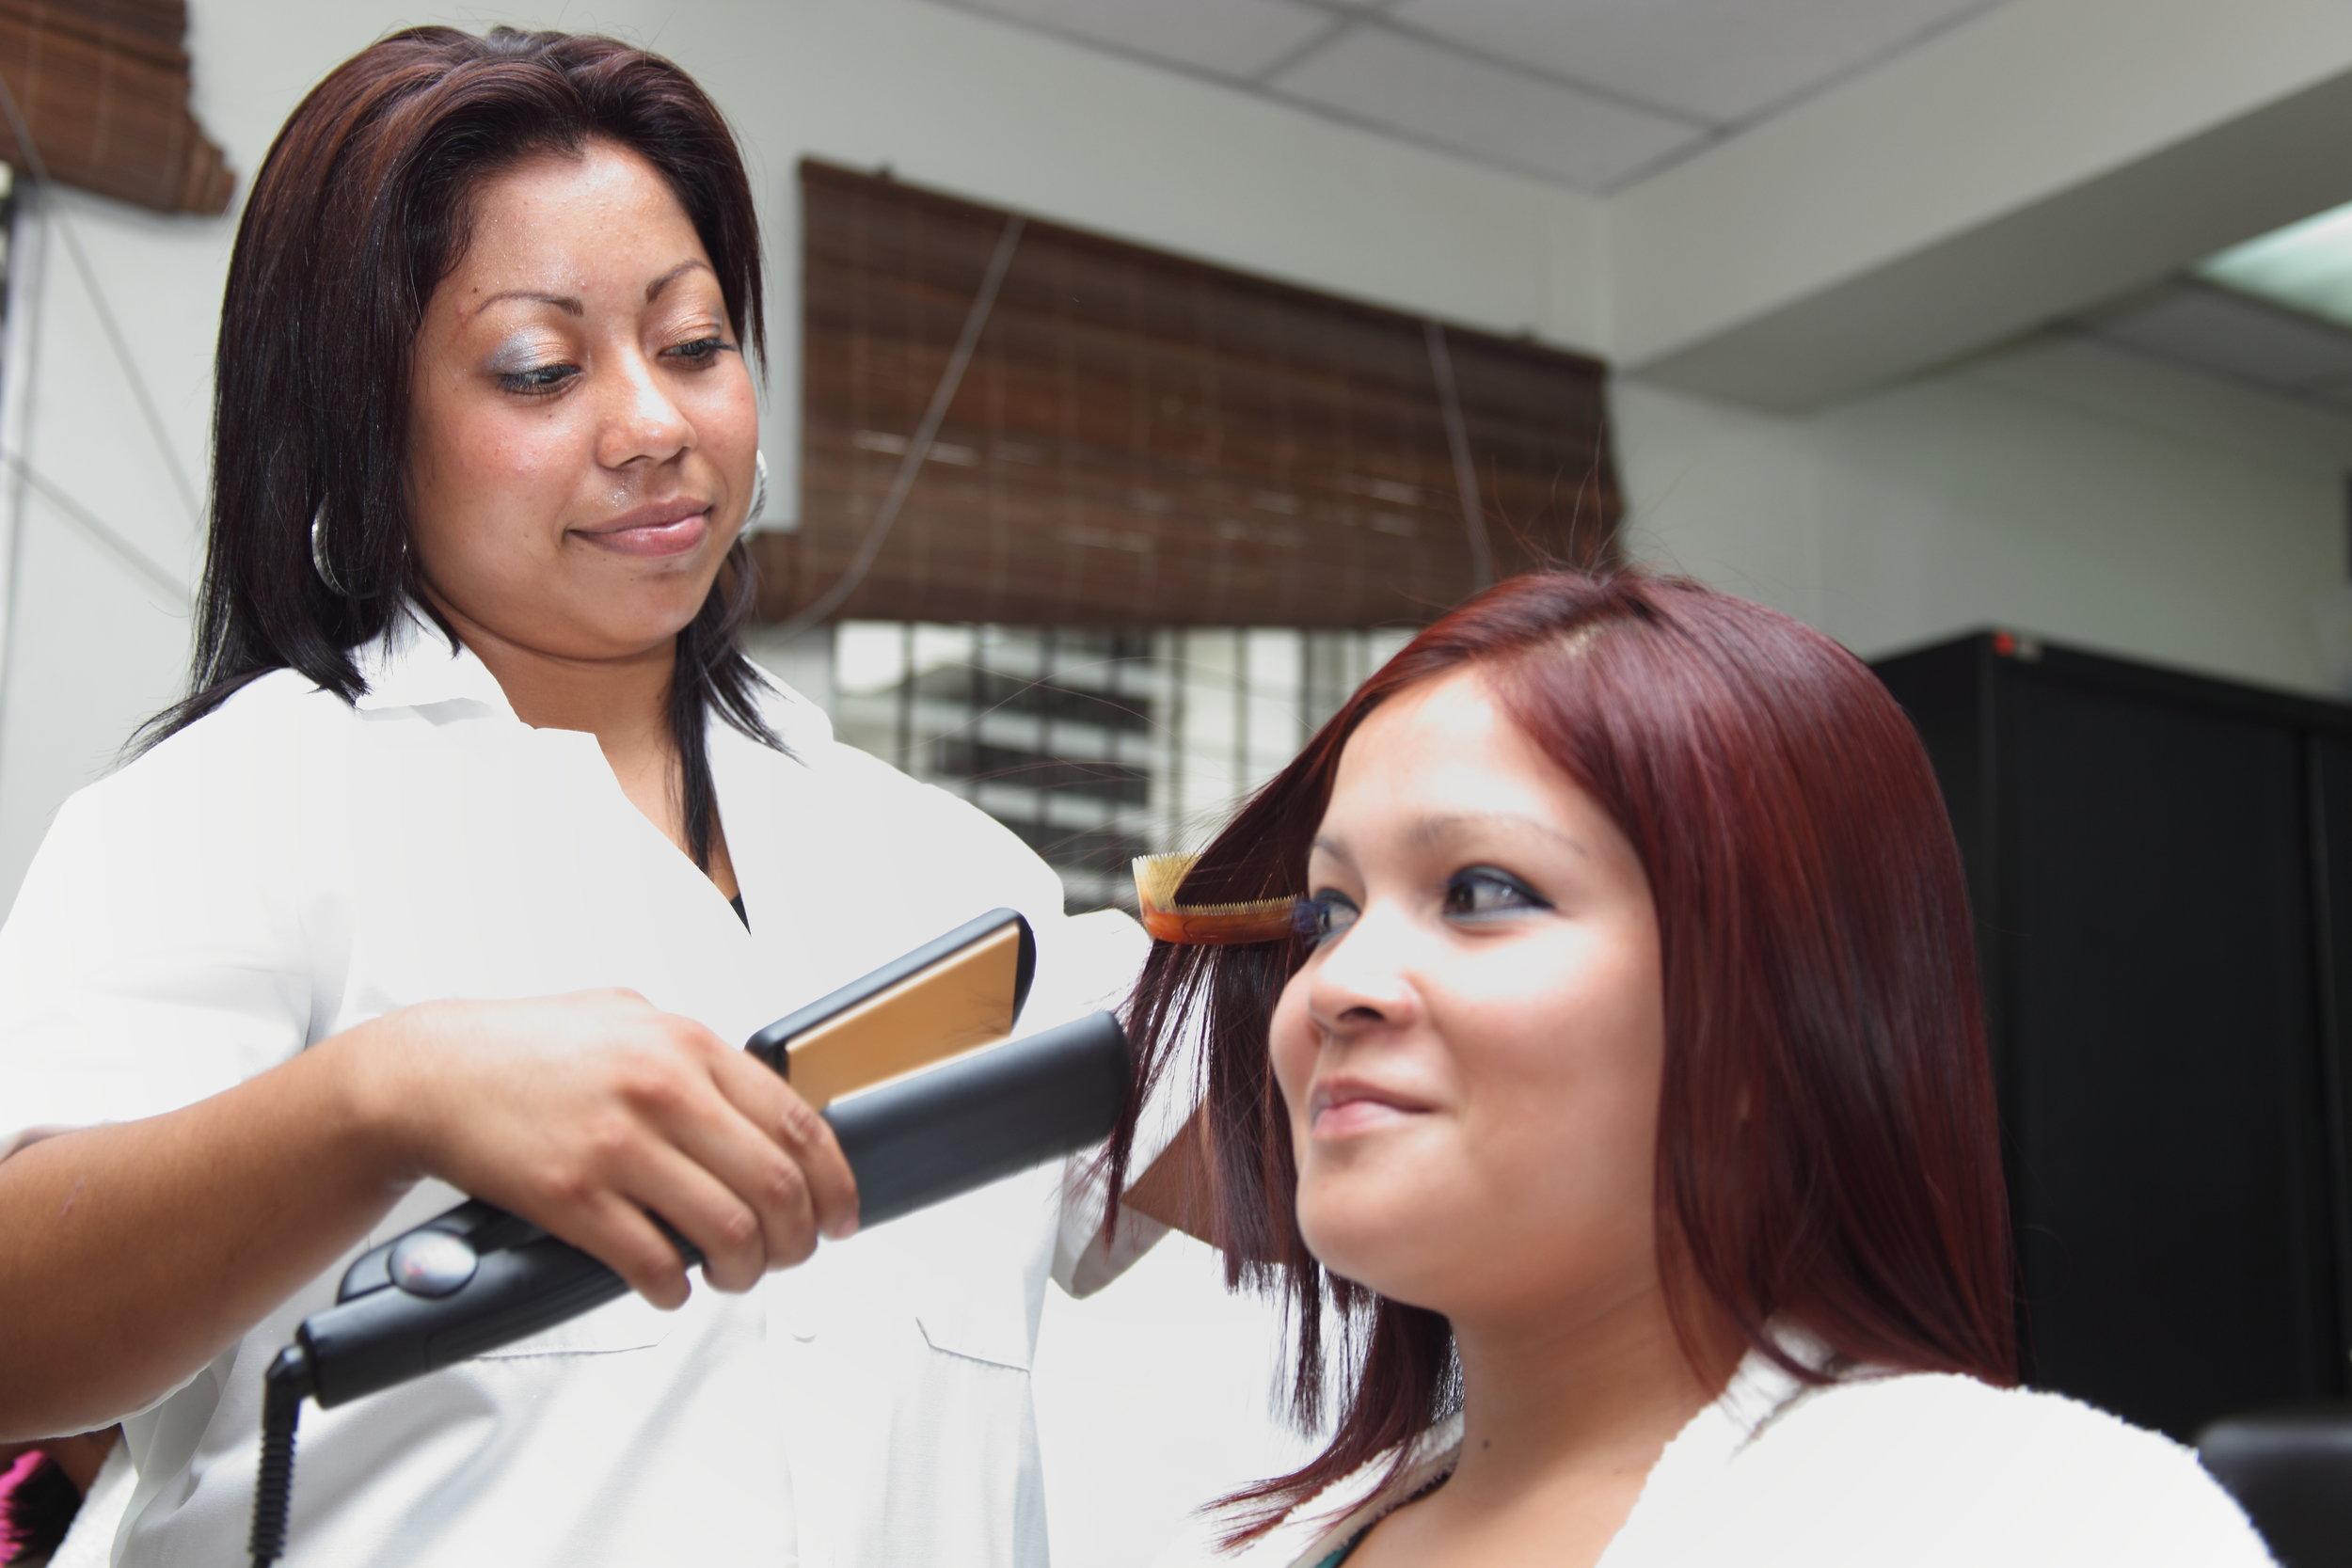 Copy of Cosmetología.JPG